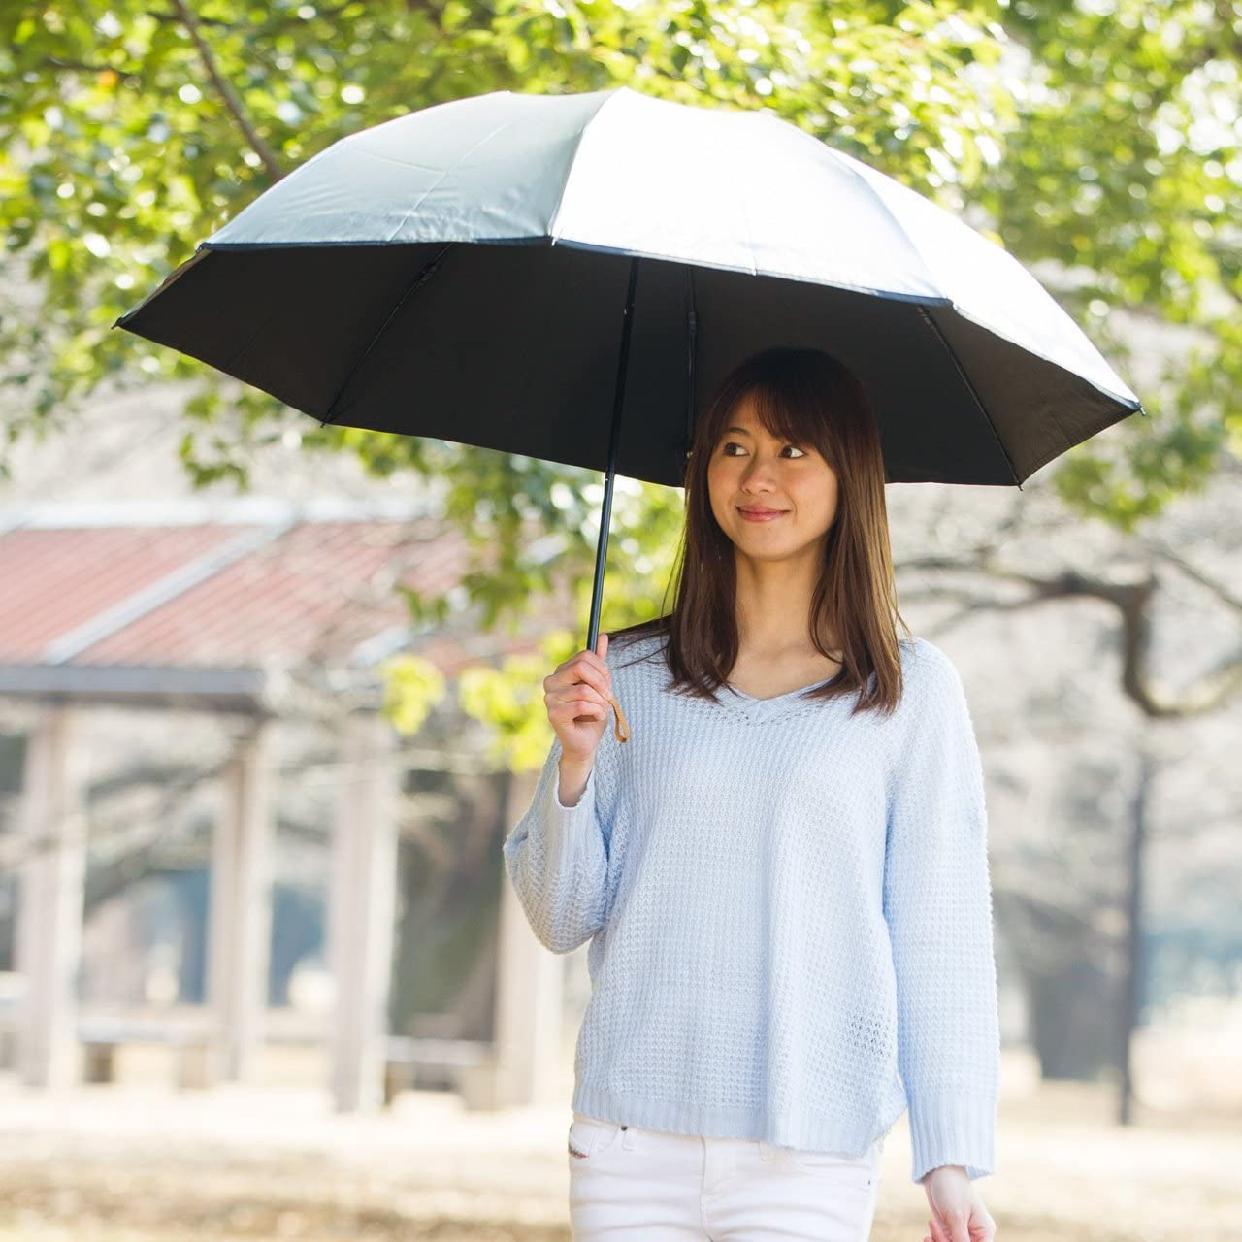 Lieben(リーベン) 日傘 晴雨兼用 大きい3つ折傘 ひんやり傘の商品画像2